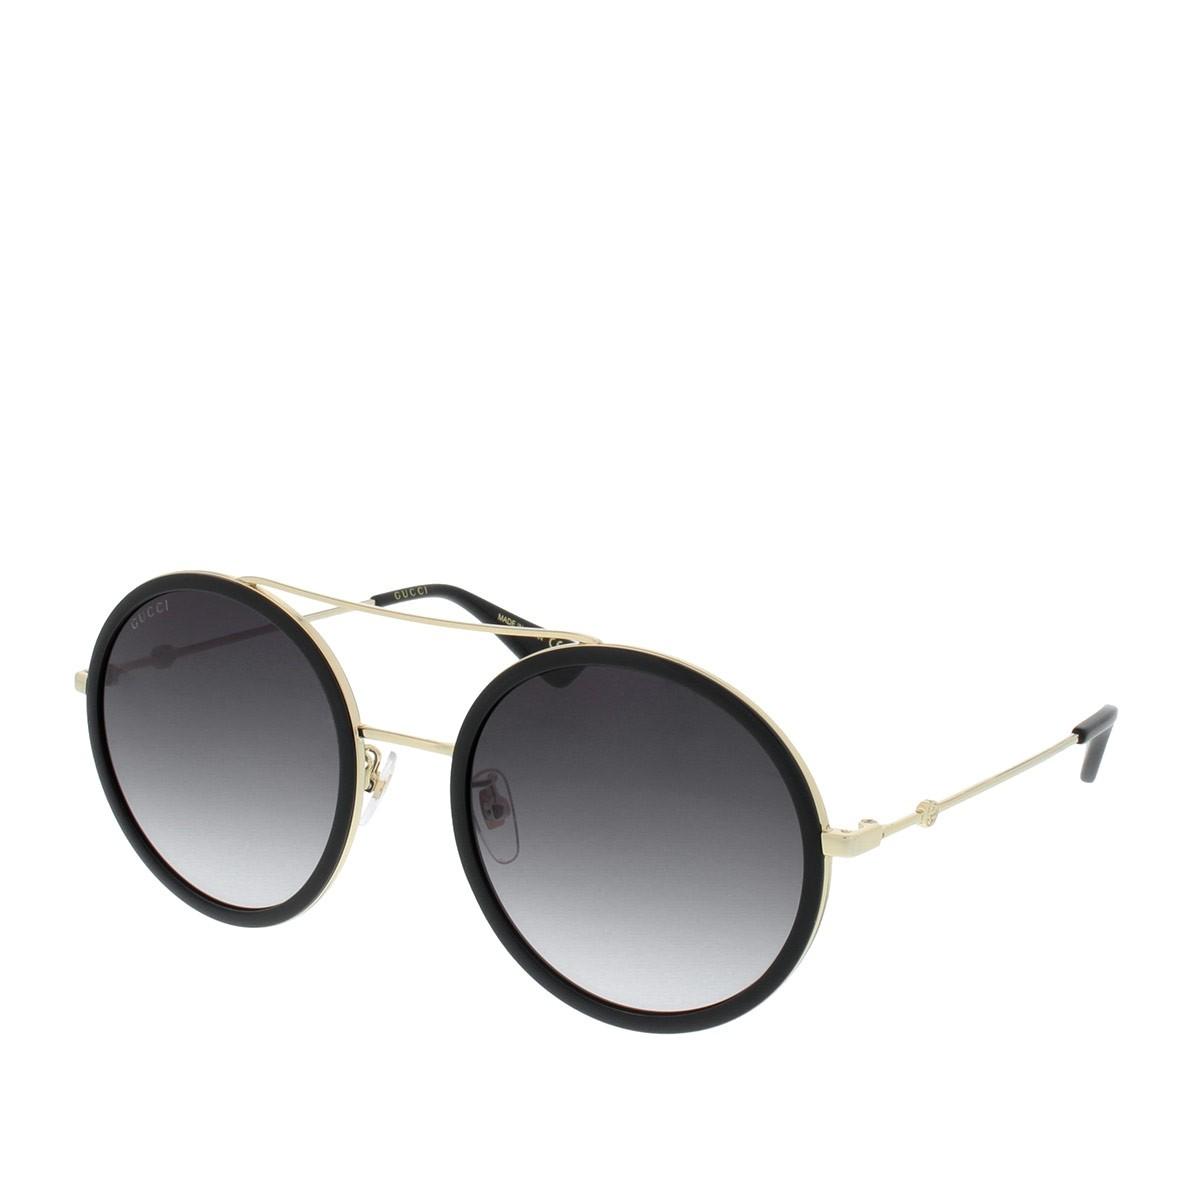 Gucci GG0061S 001 56, 290,00€, Occhiali Gucci Nero a forma Rotondo